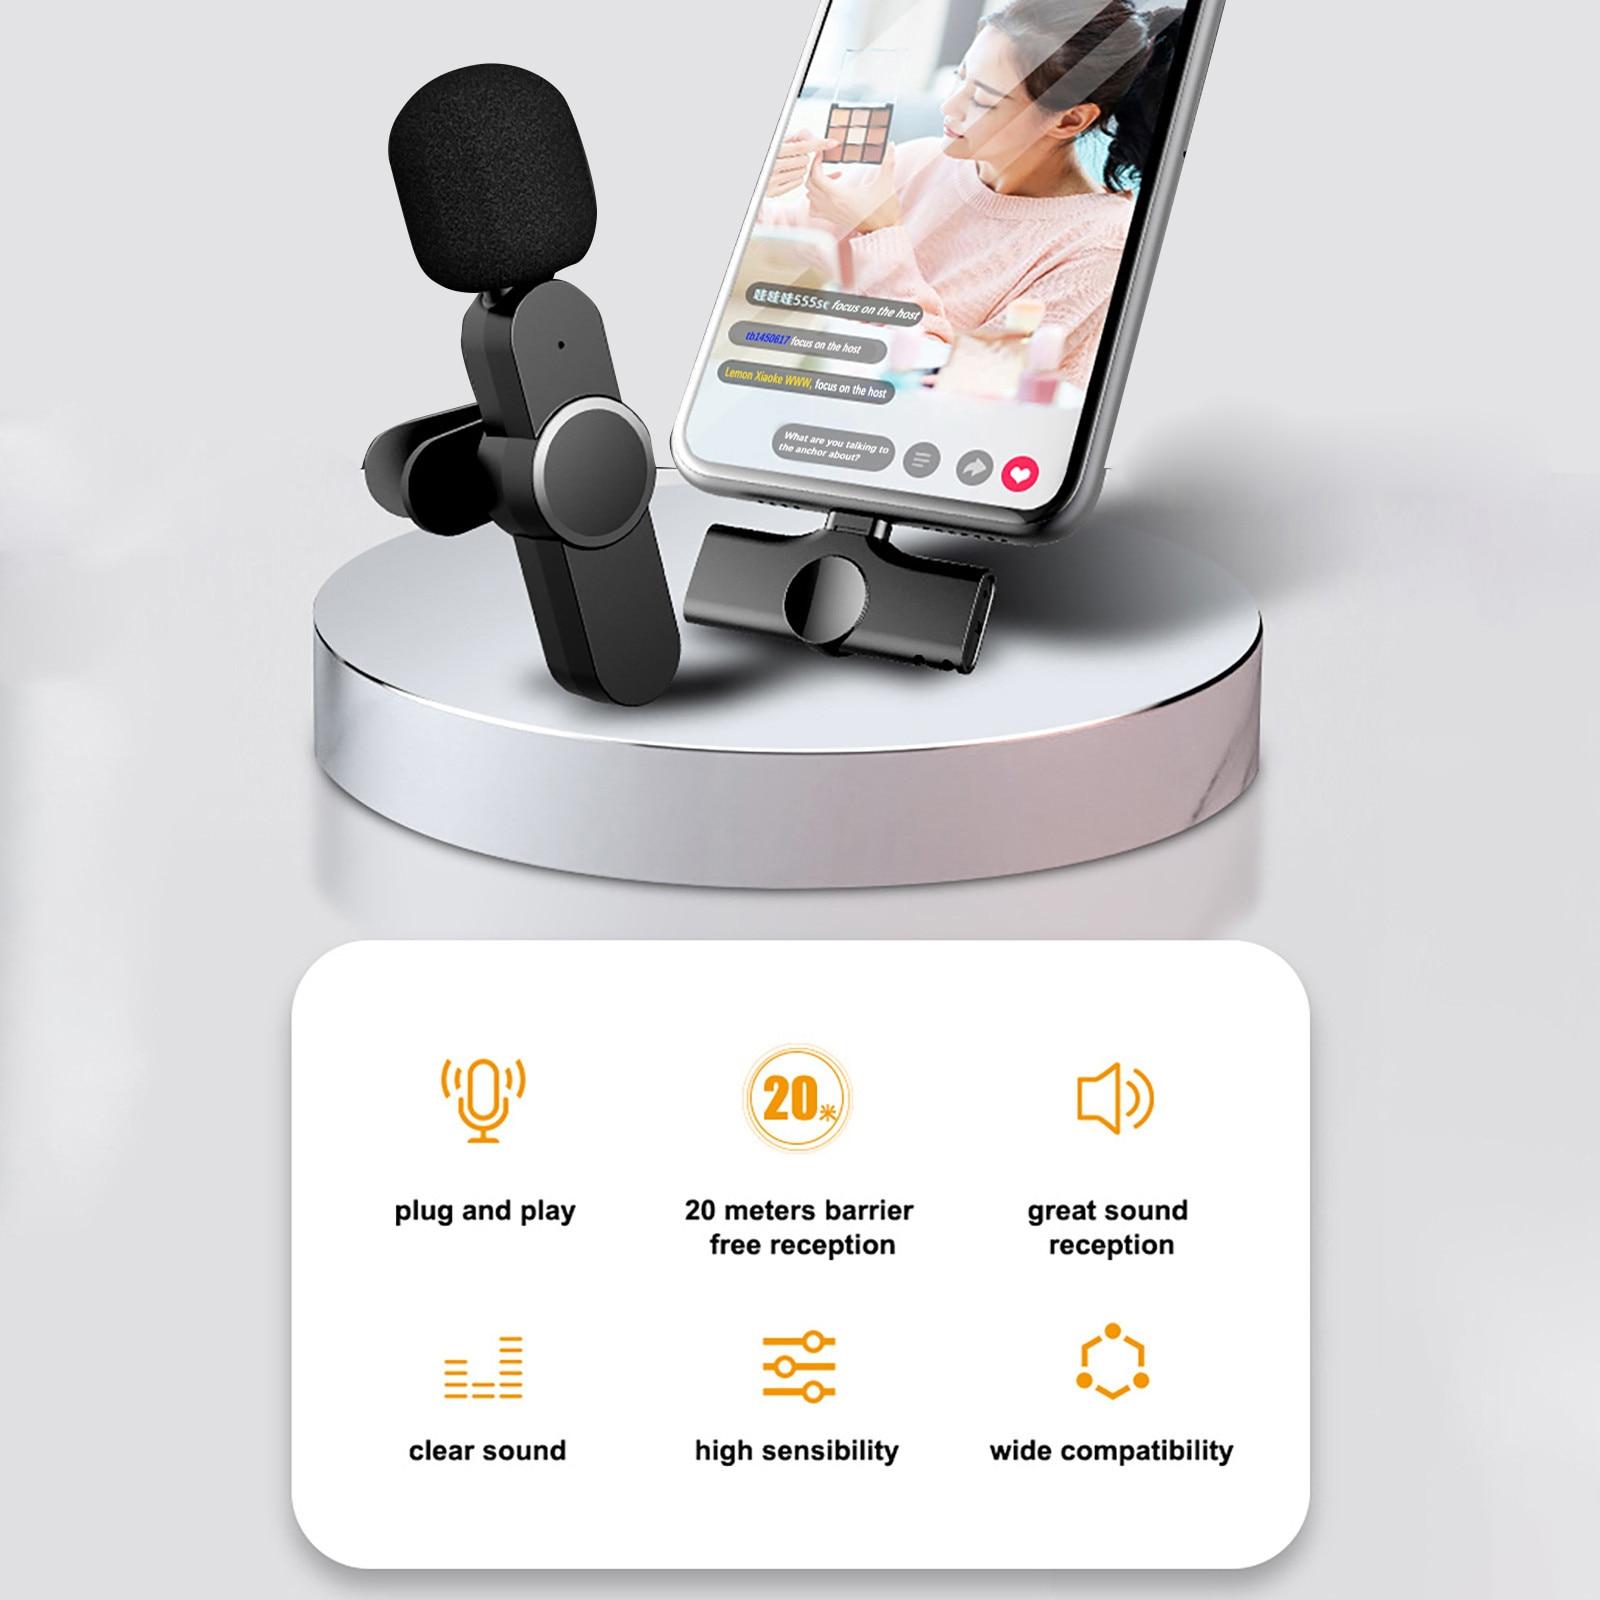 Micrófono Lavalier de solapa inalámbrico para teléfono Android, cámara portátil con ojal externo para IPhone, portátil, Ga